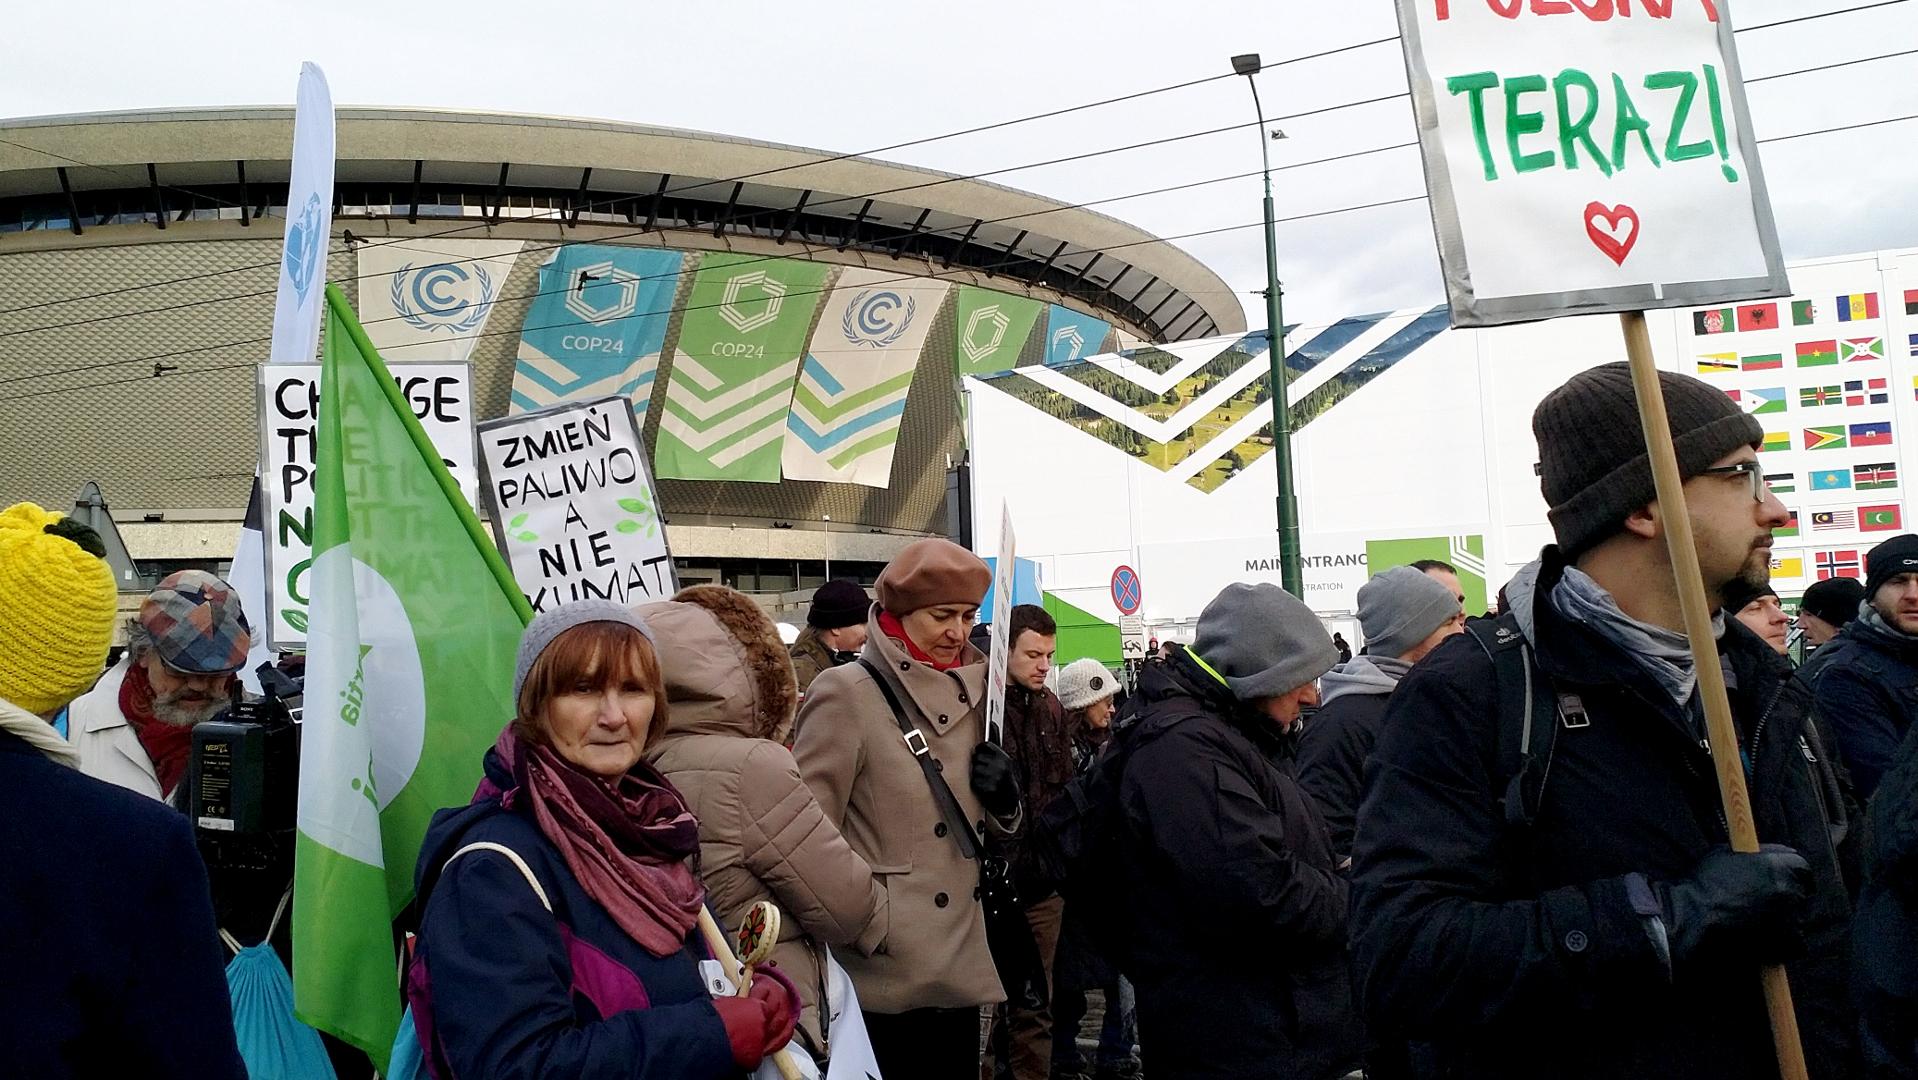 Teilnehmer an Demonstration für Klimaschutz, im Hintergrund das Gebäude, in dem der Weltklimagipfel stattfindet | © zVg